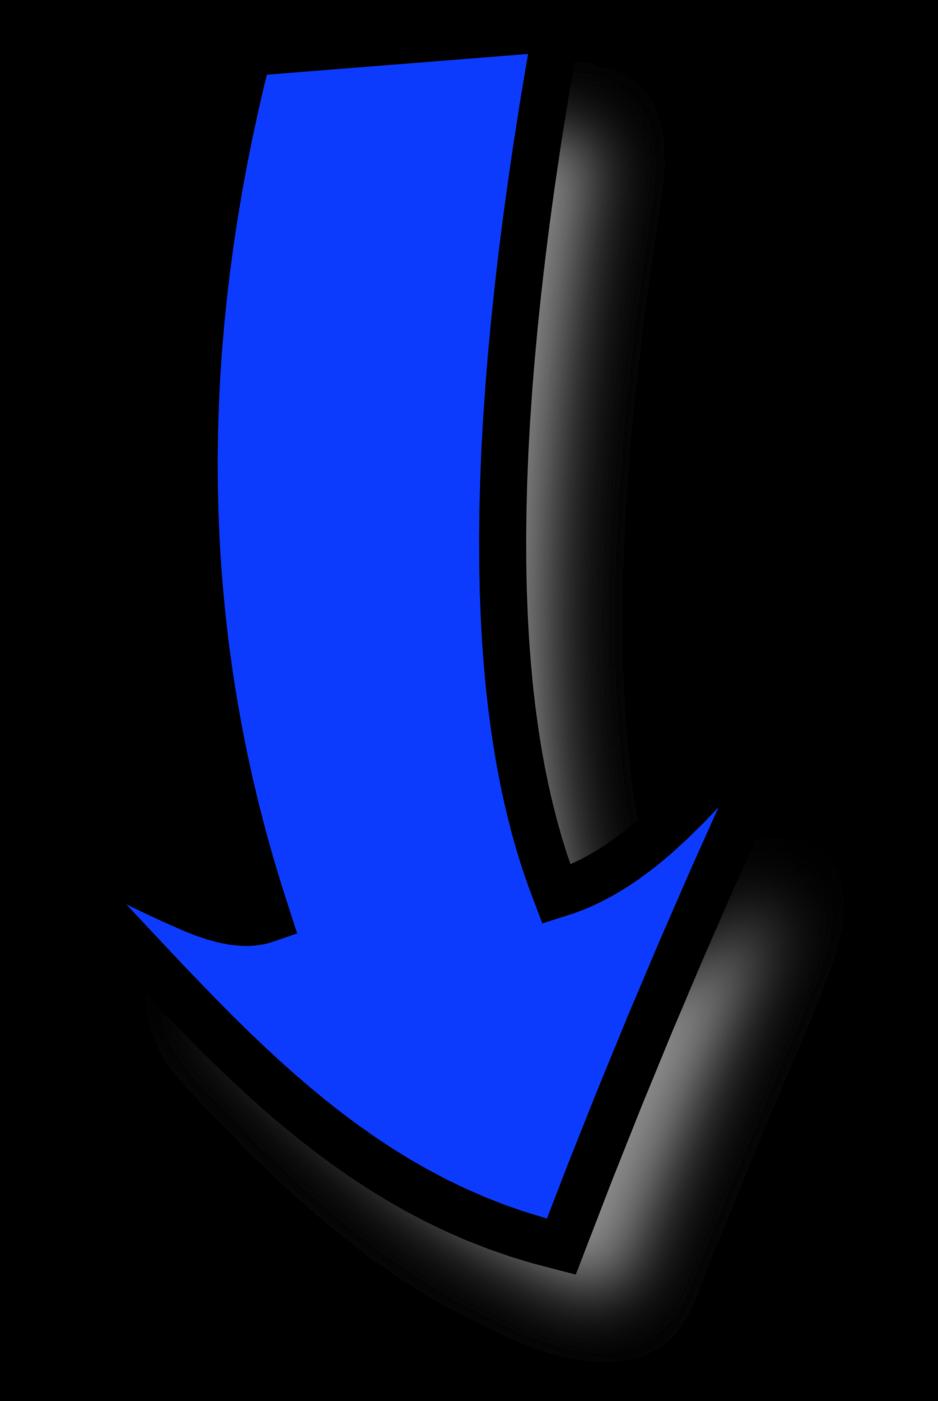 альцгеймер паркинсоном картинка со стрелочками вниз станице голубицкая под